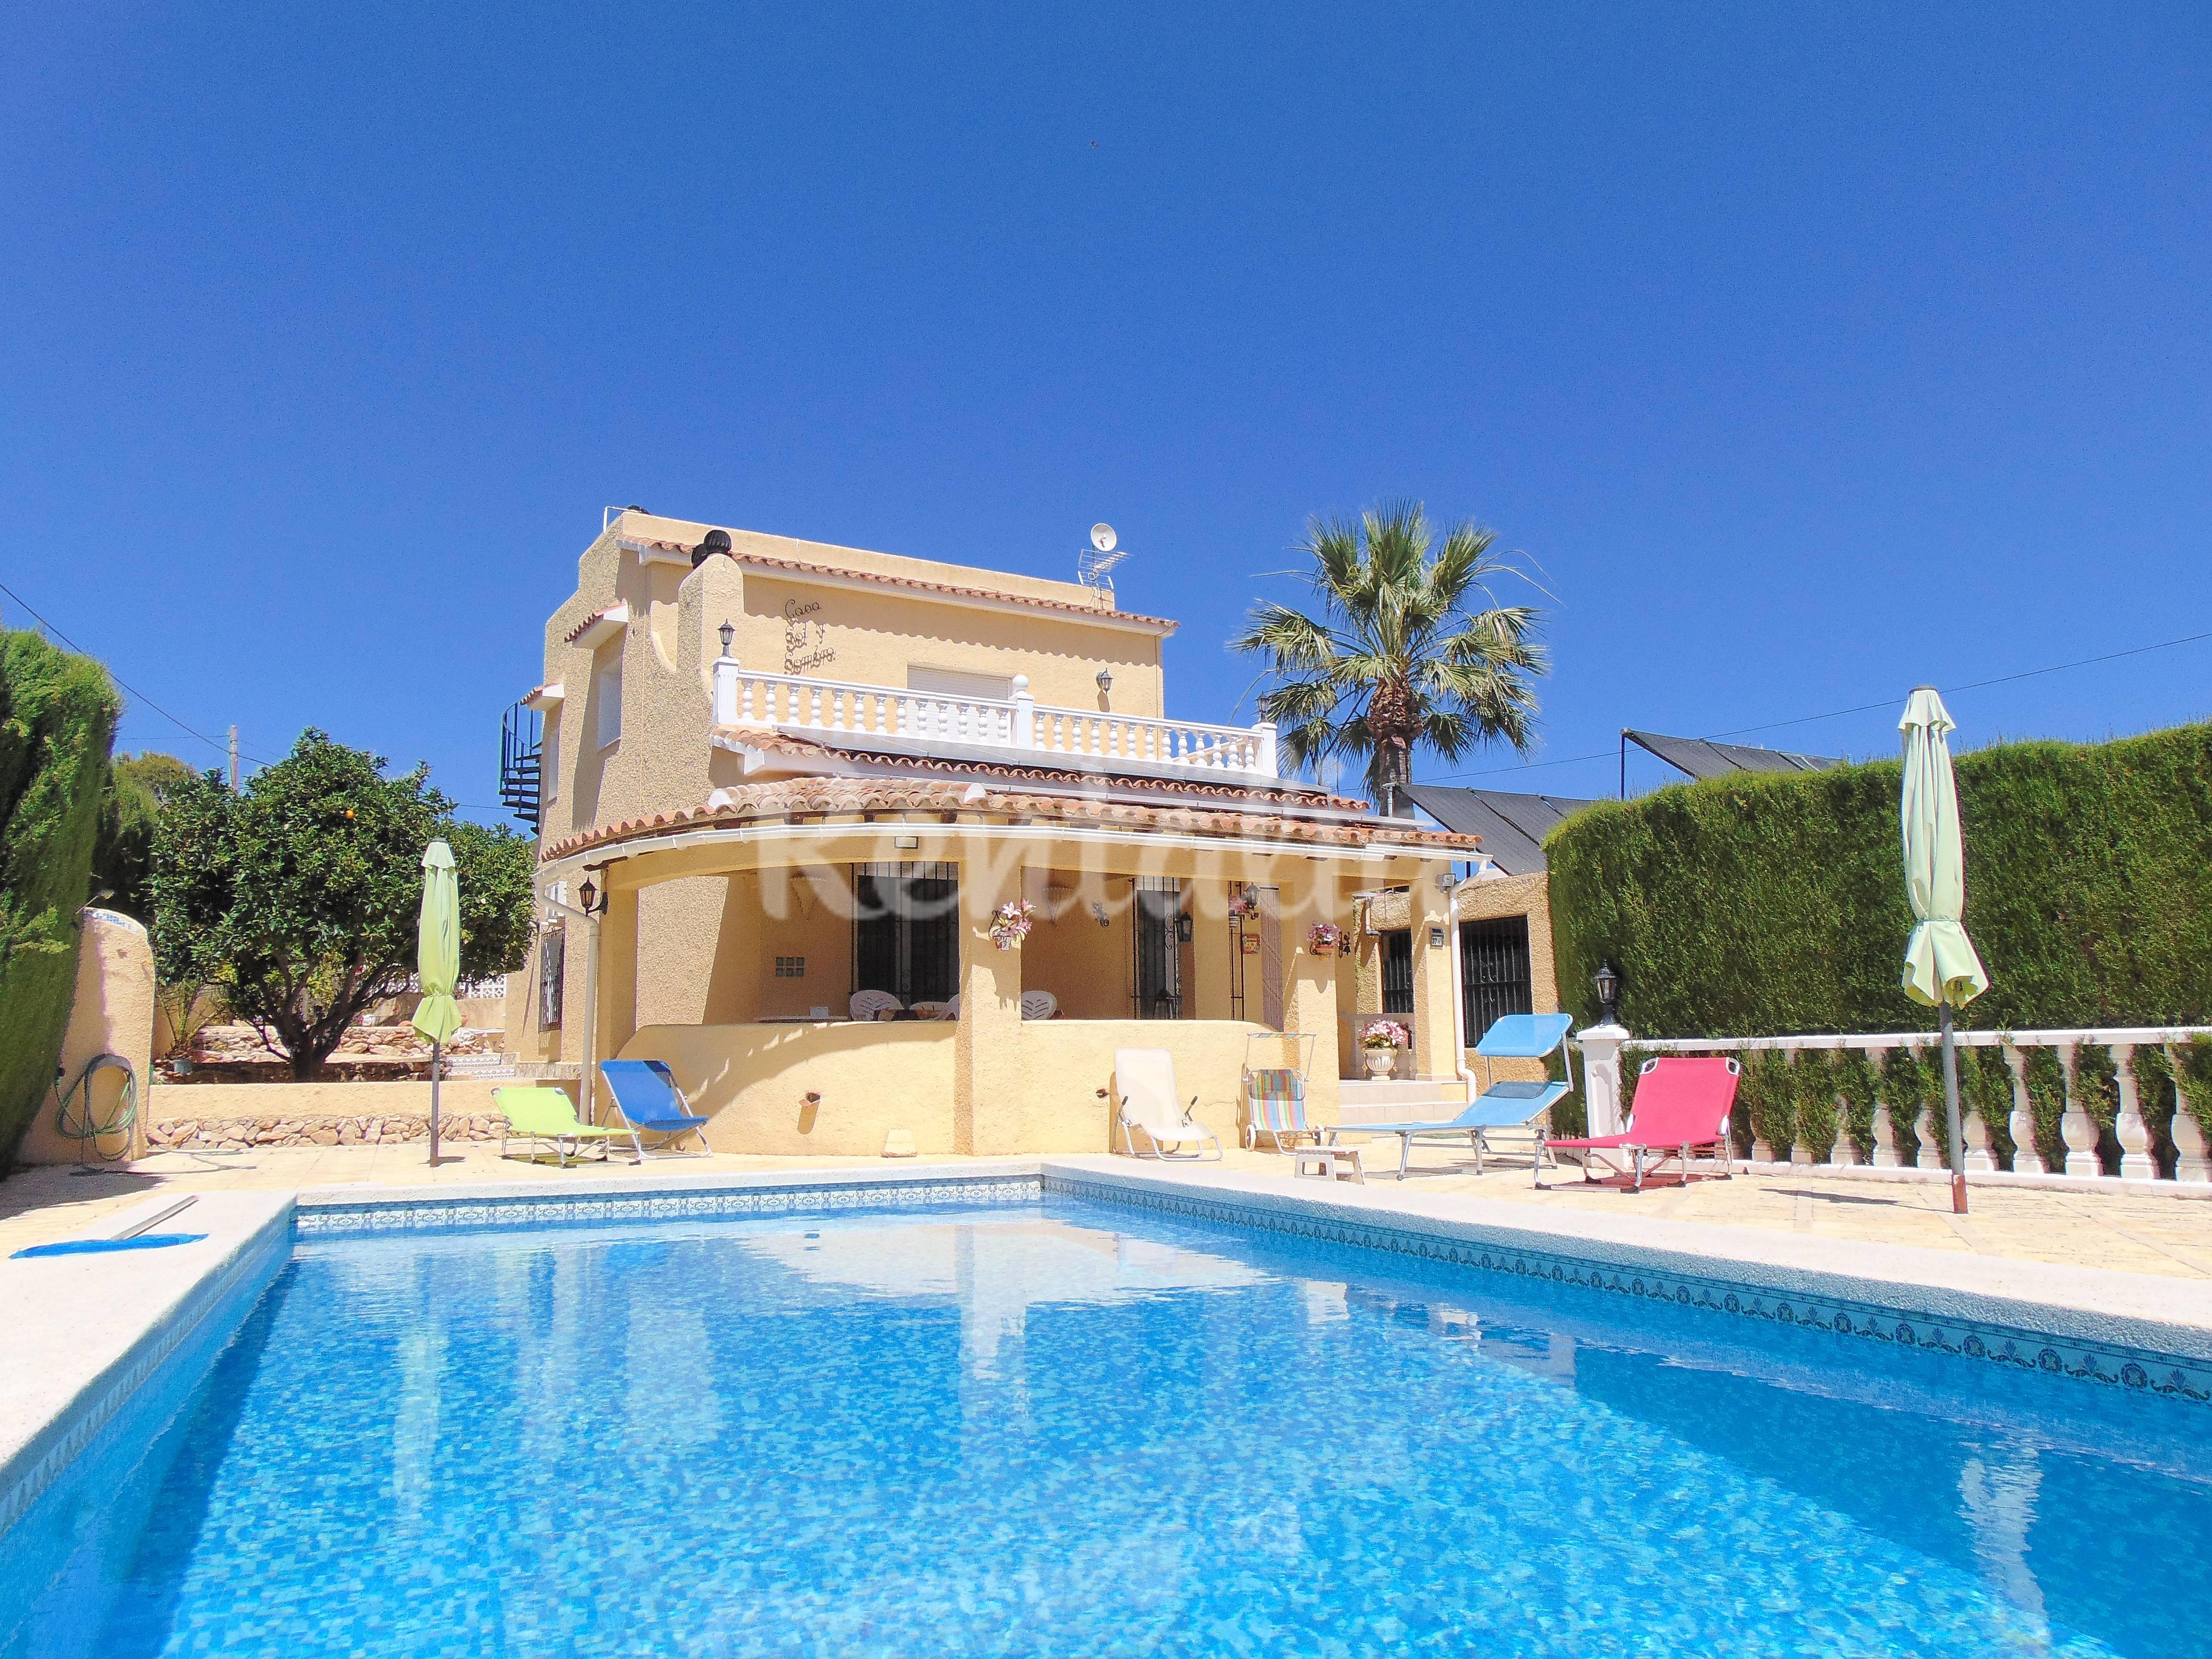 Villa con piscina privada cerca de playa en calpe calpe - Piscina de playa ...